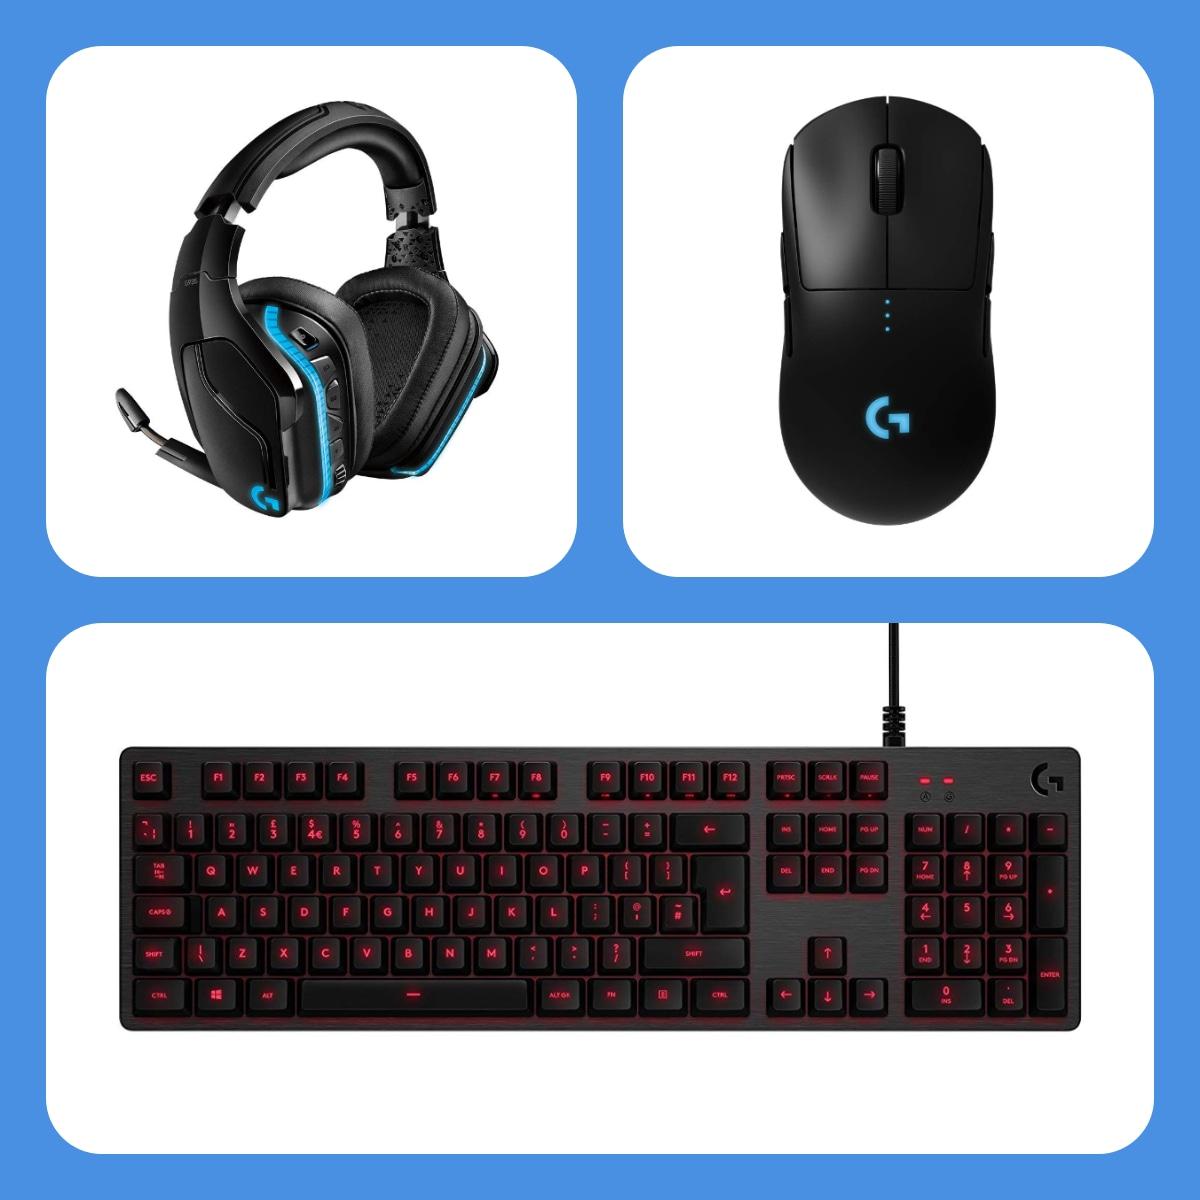 Cuffie Logitech G935 e mouse Logitech G PRO al miglior prezzo su Amazon e c'è anche una tastiera meccanica